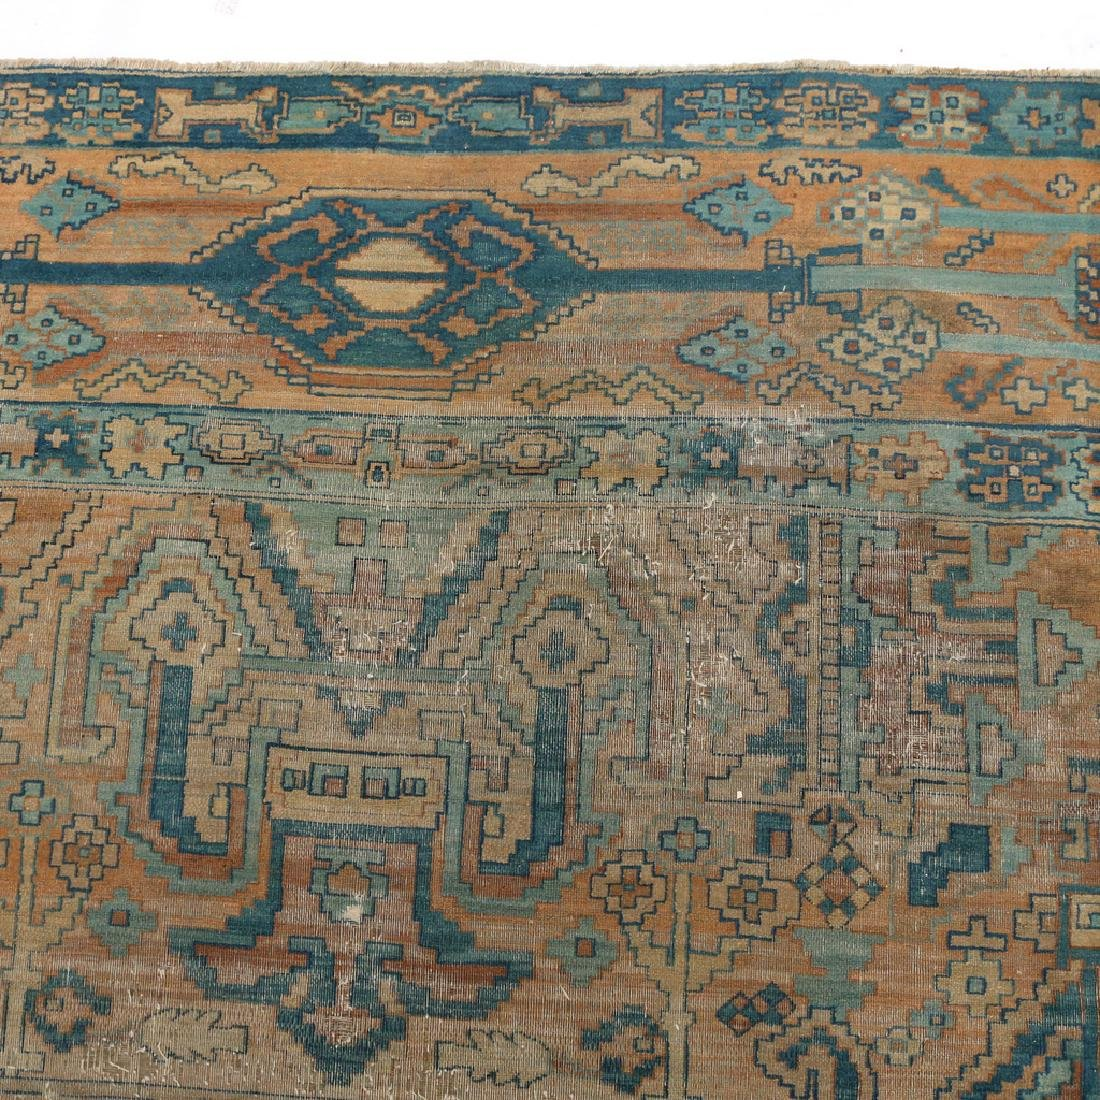 UNUSUAL PERSIAN OR INDIAN GEOMETRIC CARPET - 5